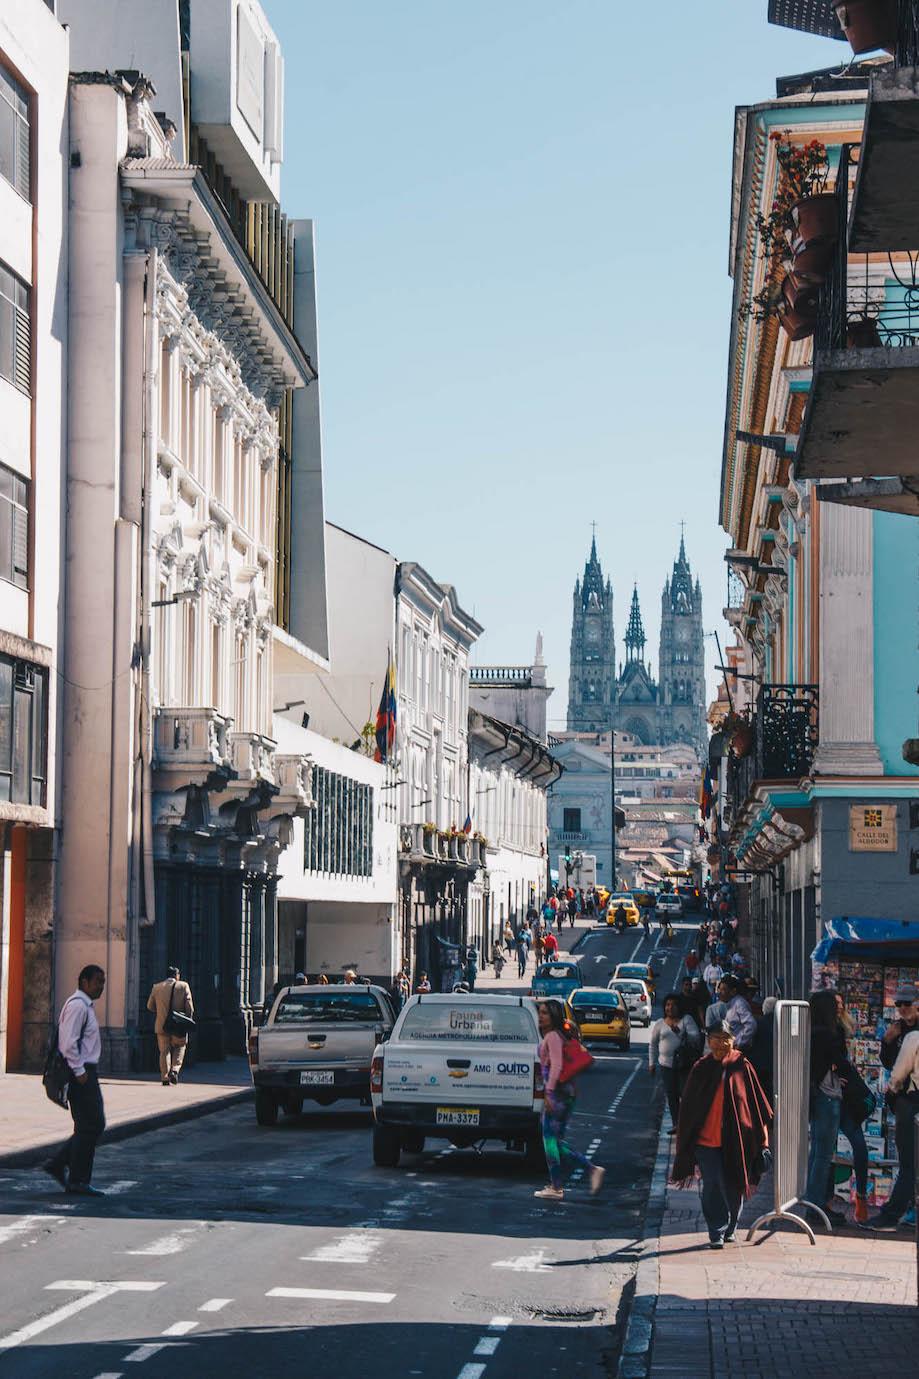 Viagem para o Equador: fotografia de uma movimentada rua em Quito, com a Catedral ao fundo